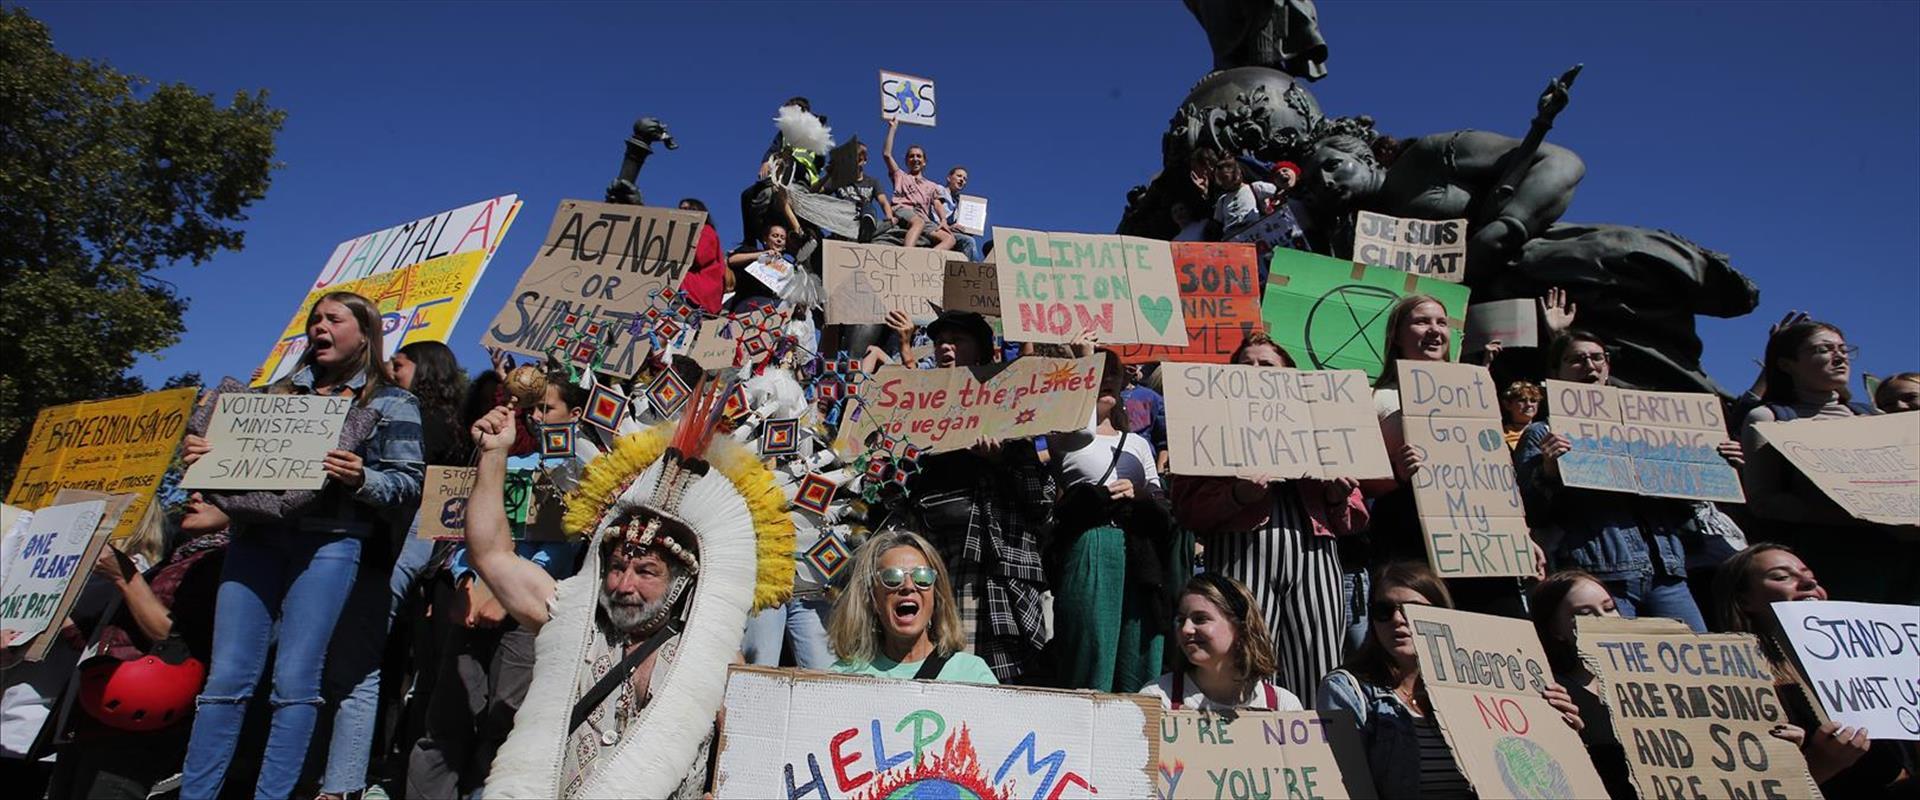 הפגנה בעד שמירת על כדור הארץ